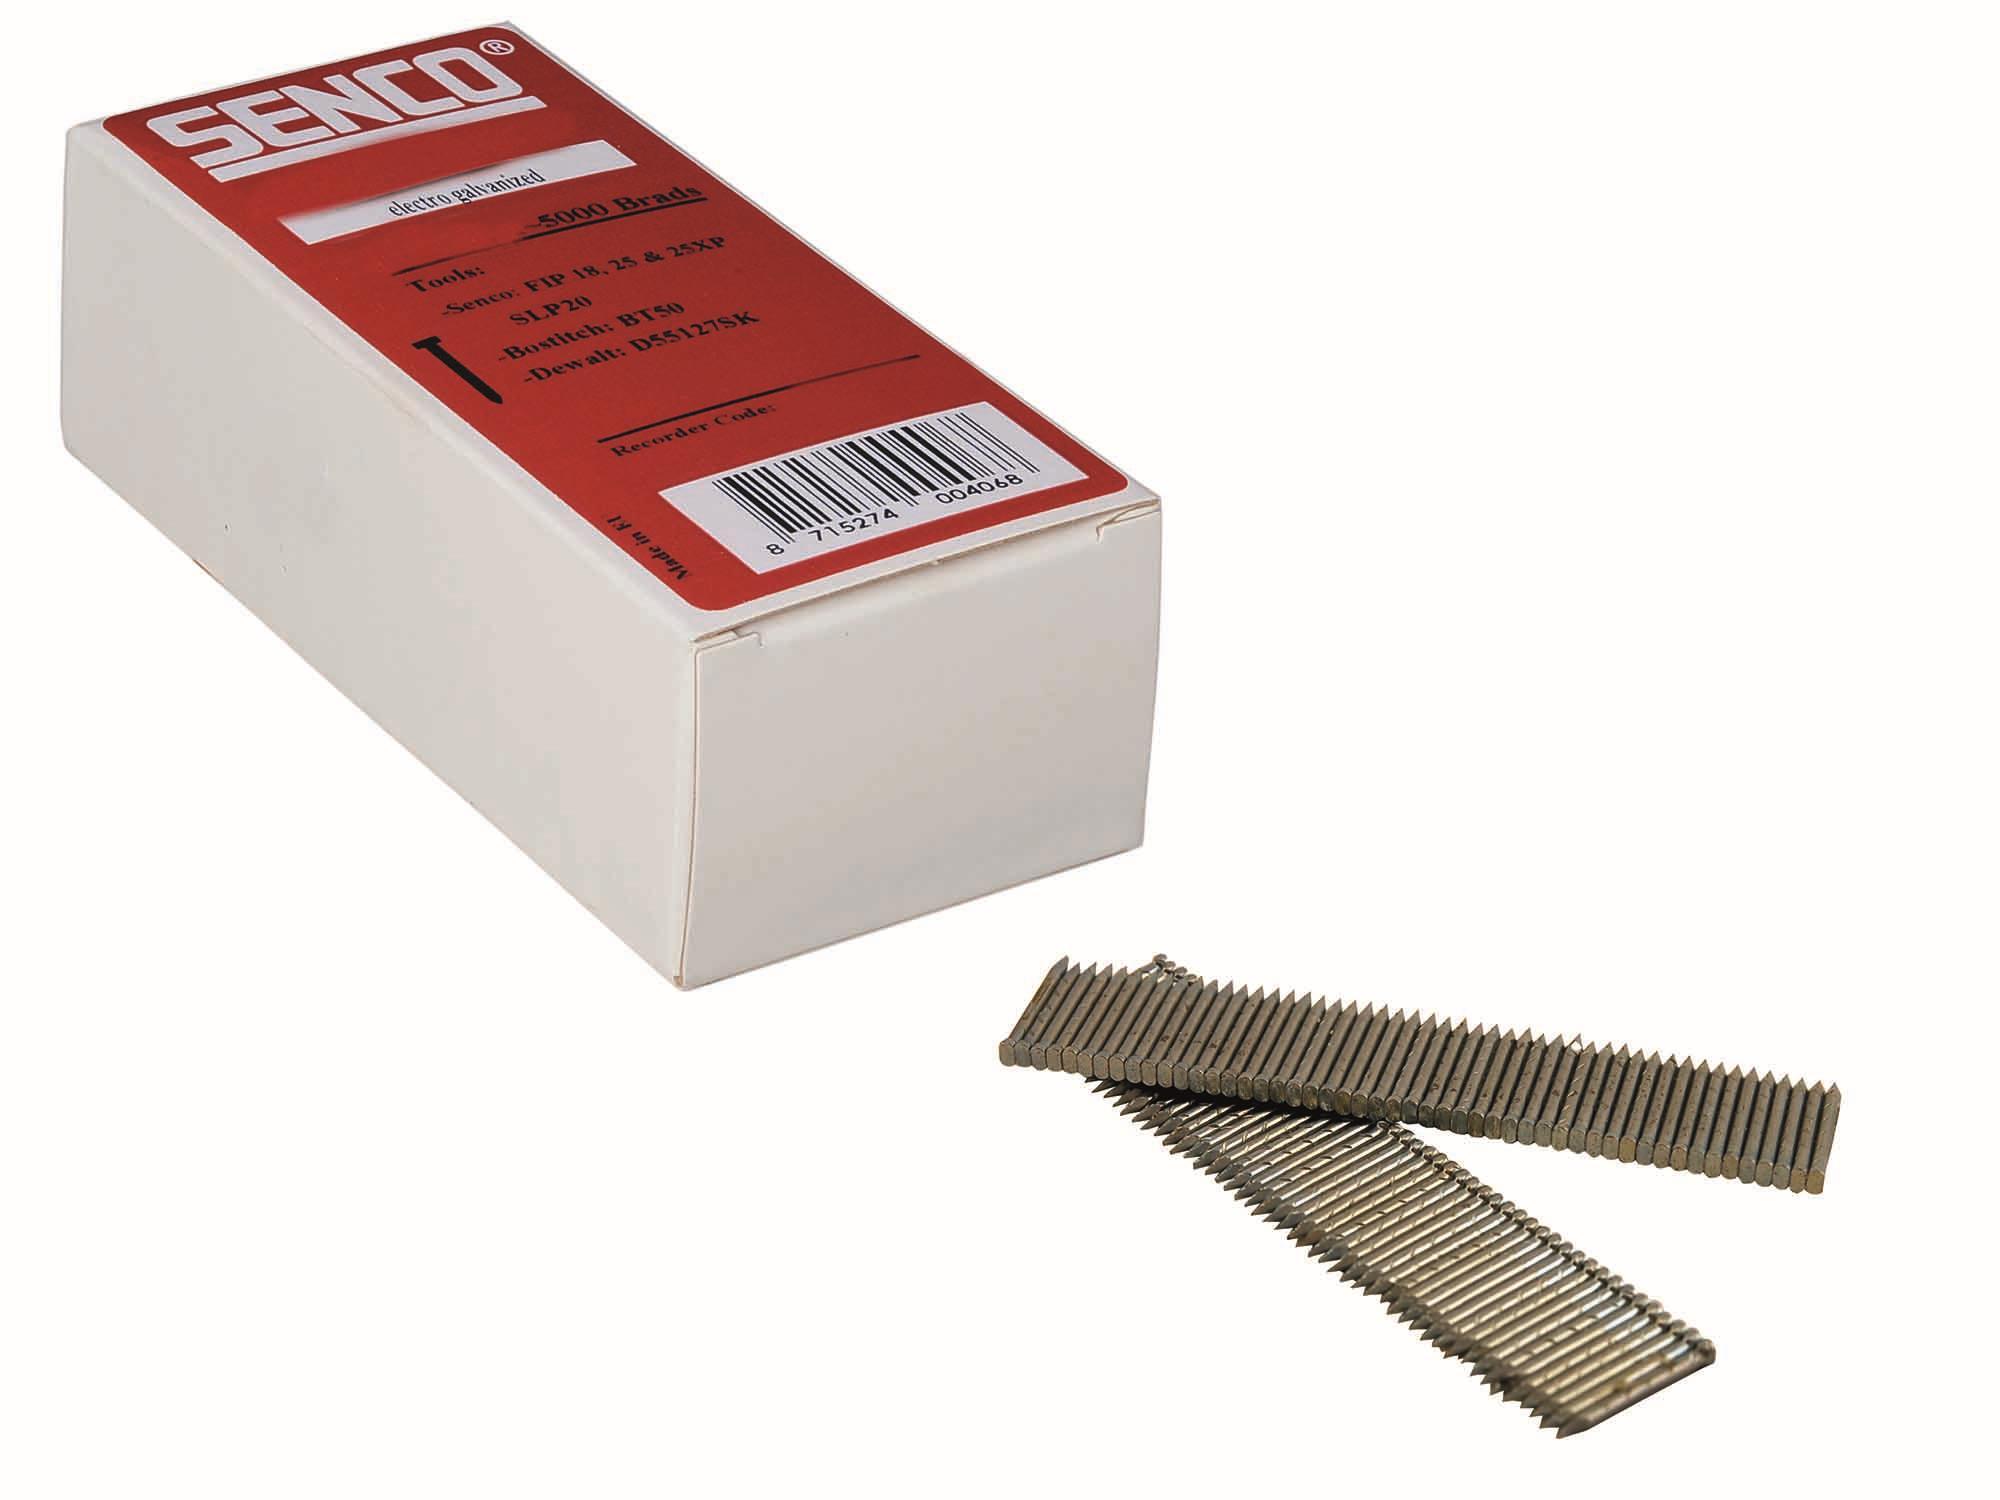 Senco AB60001 Betongdyckert galvaniserad 18 x 20 mm 3000-pack